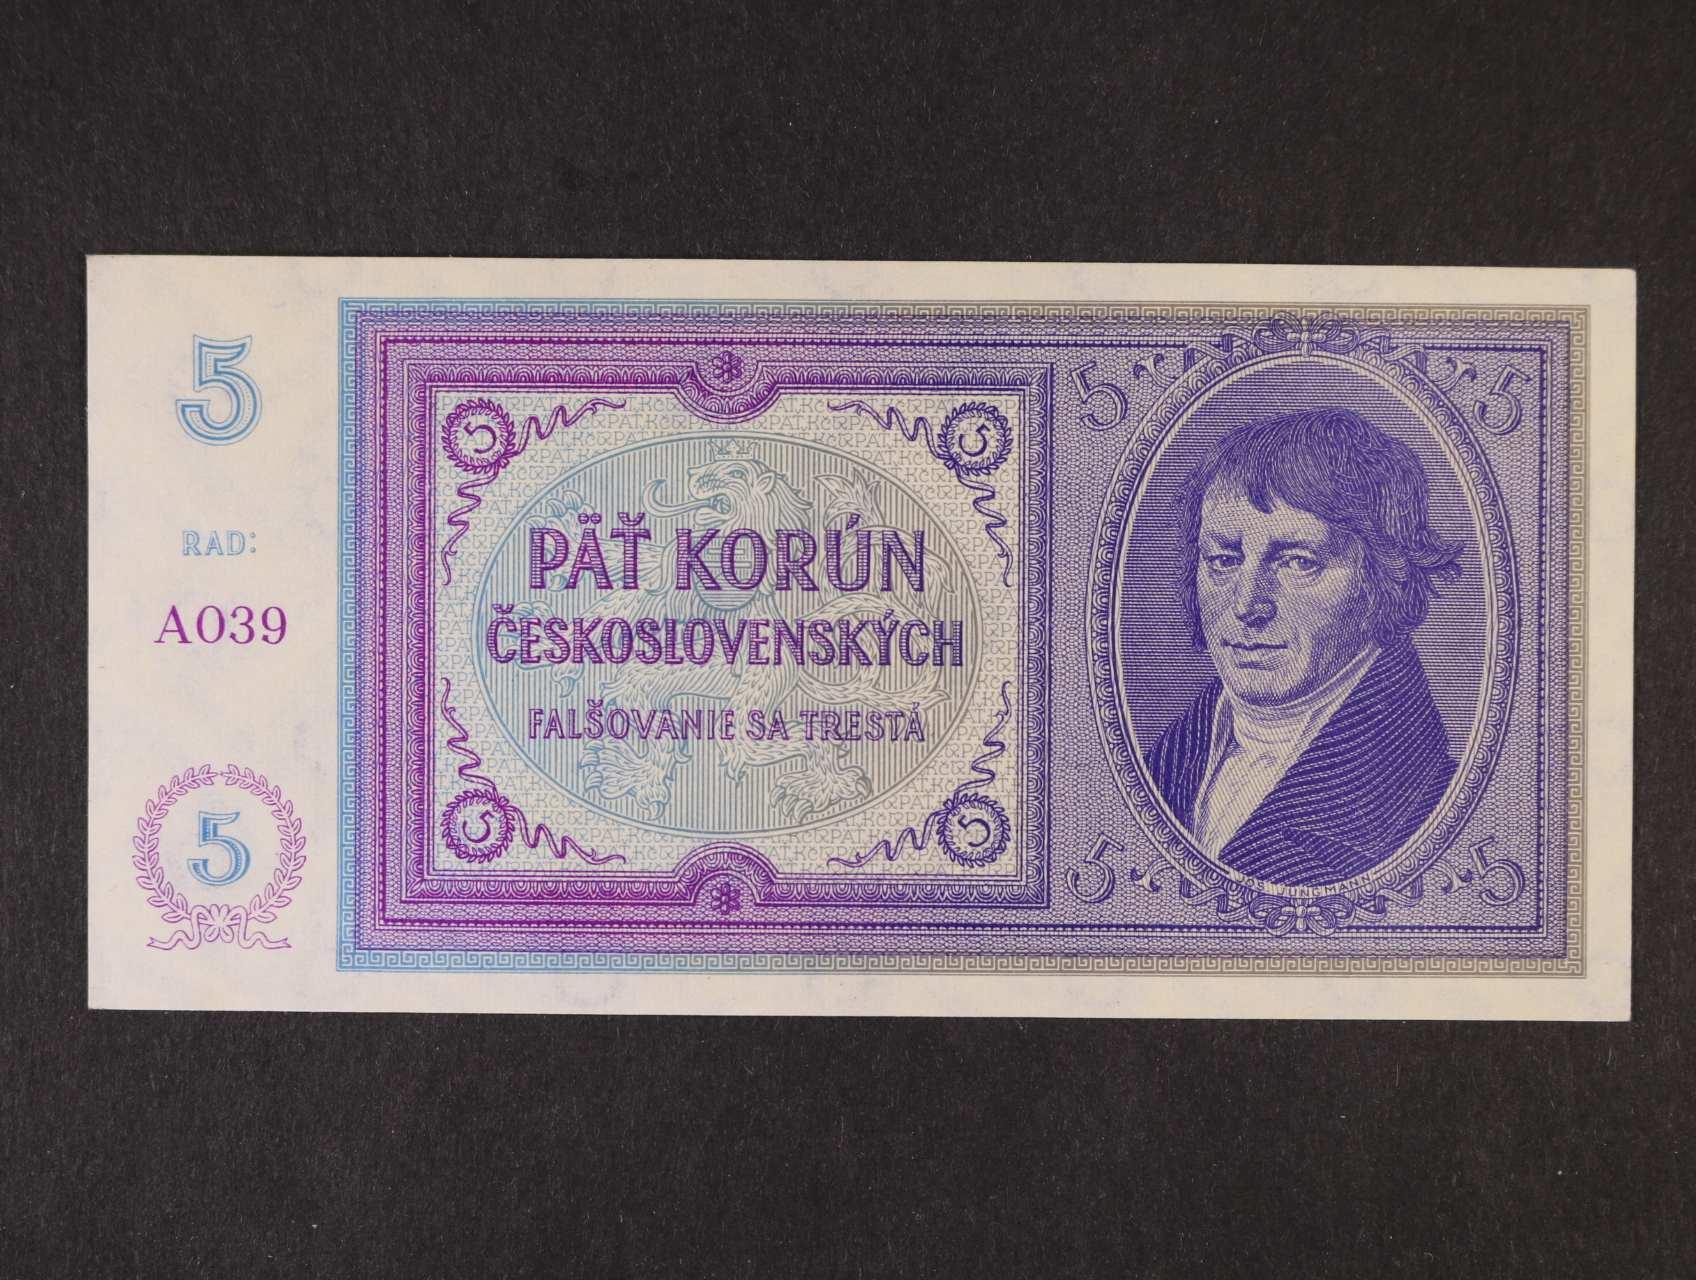 5 Kč 1938 série A 039 nevydaná, Ba. N2, Pi. 28